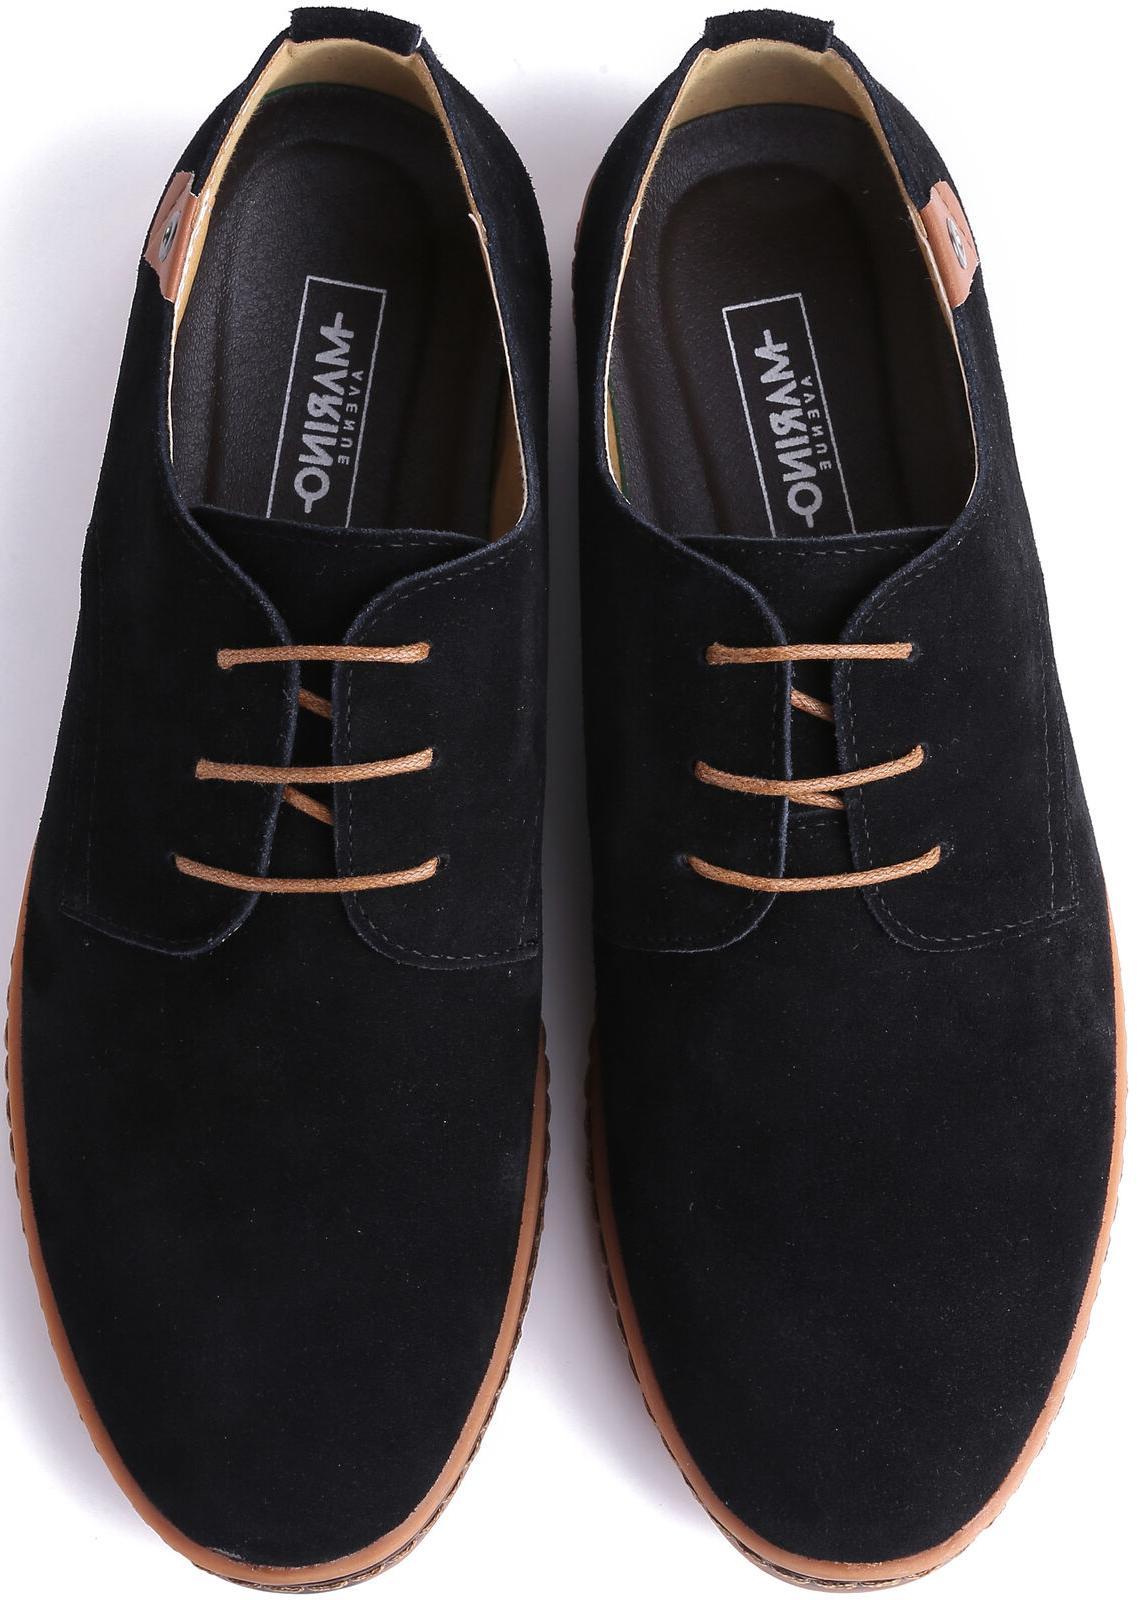 Marino Shoes Men Business Casual - Tuxedo Shoes